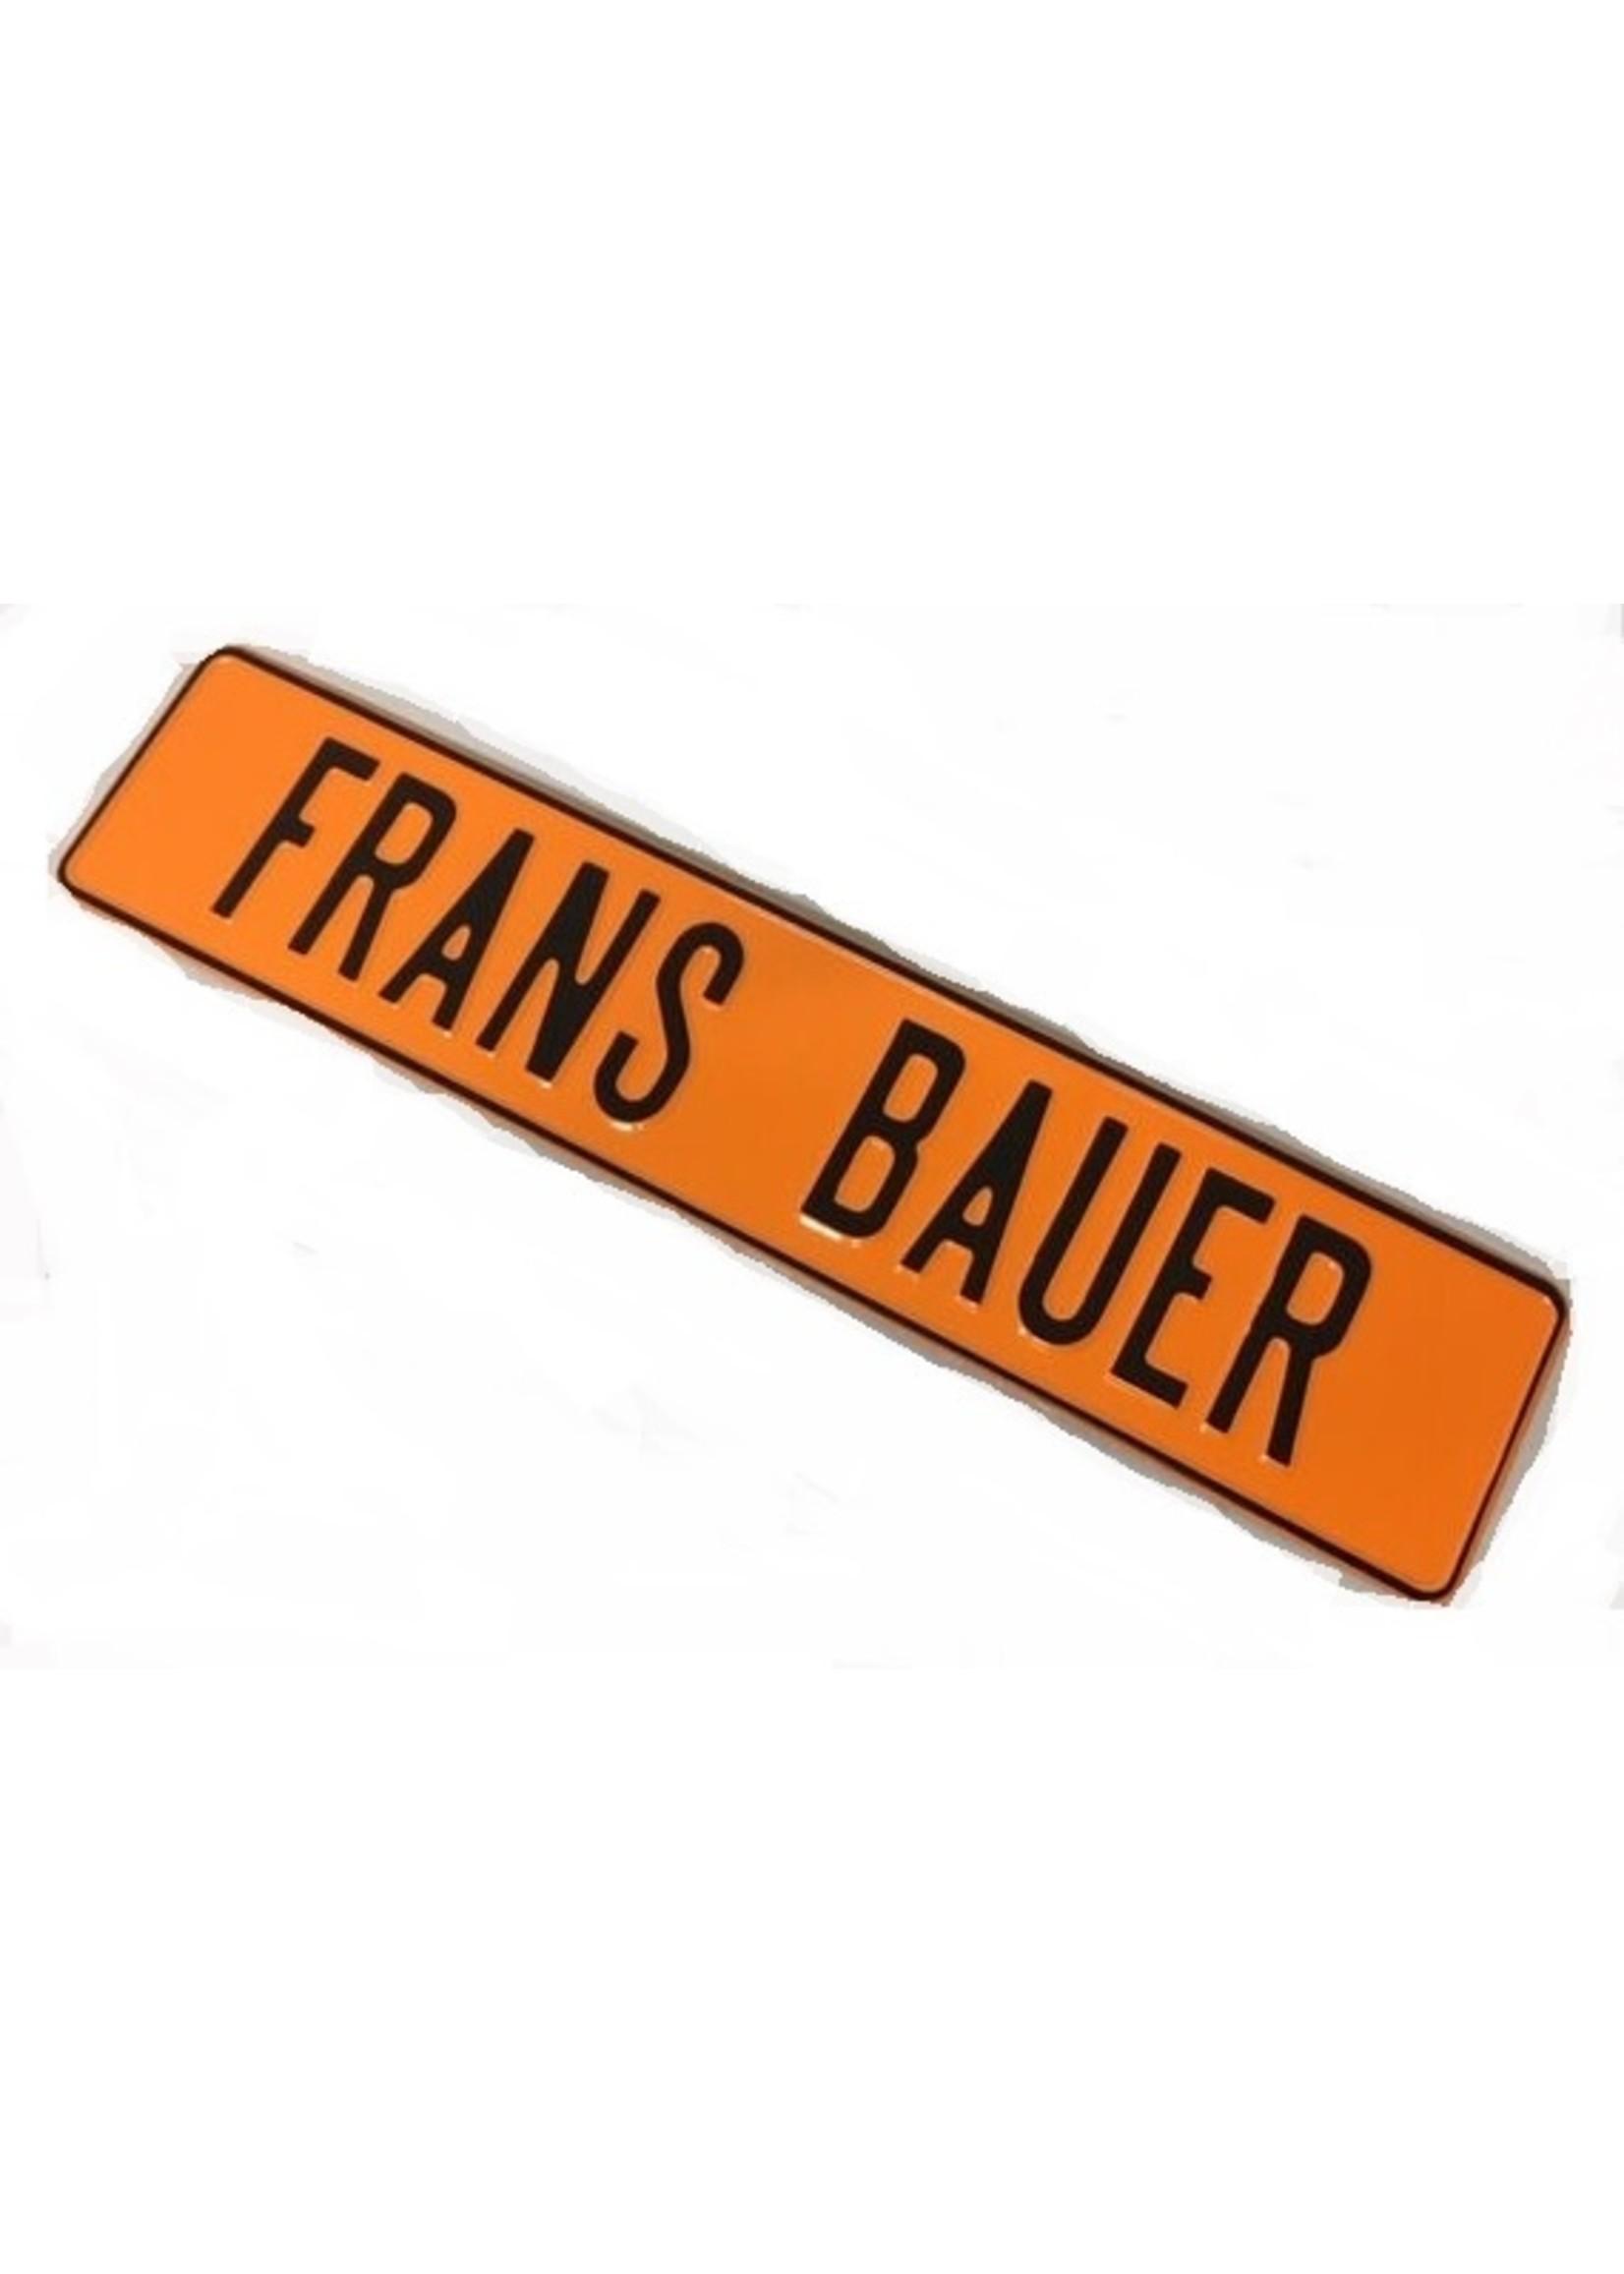 Oranje kentekenplaat met naam of tekst